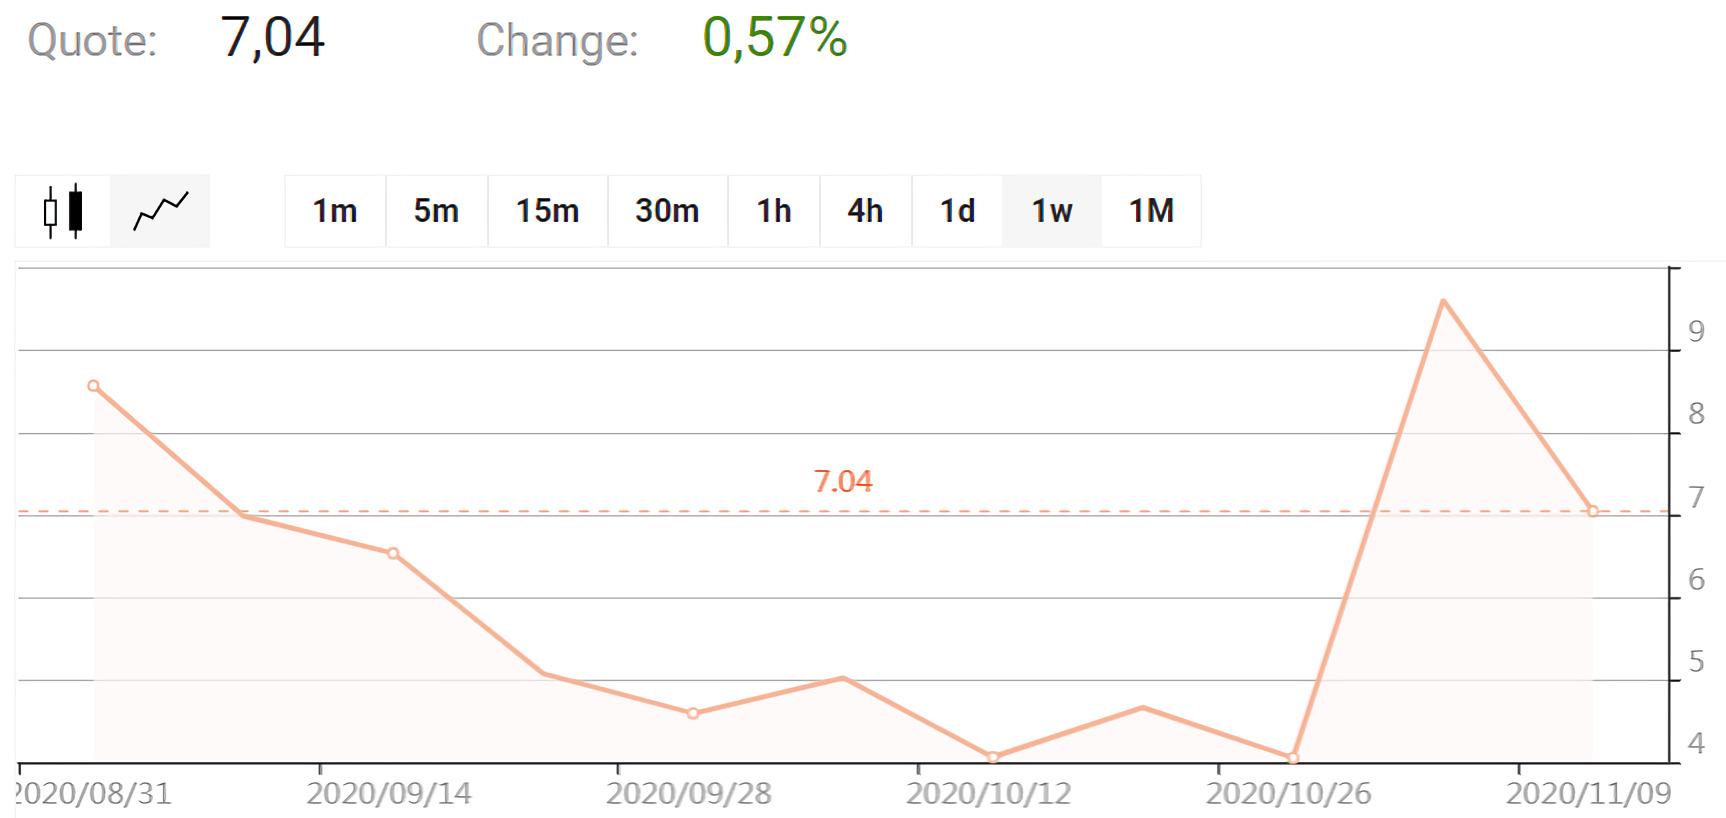 Aurora Cannabis Inc. chart